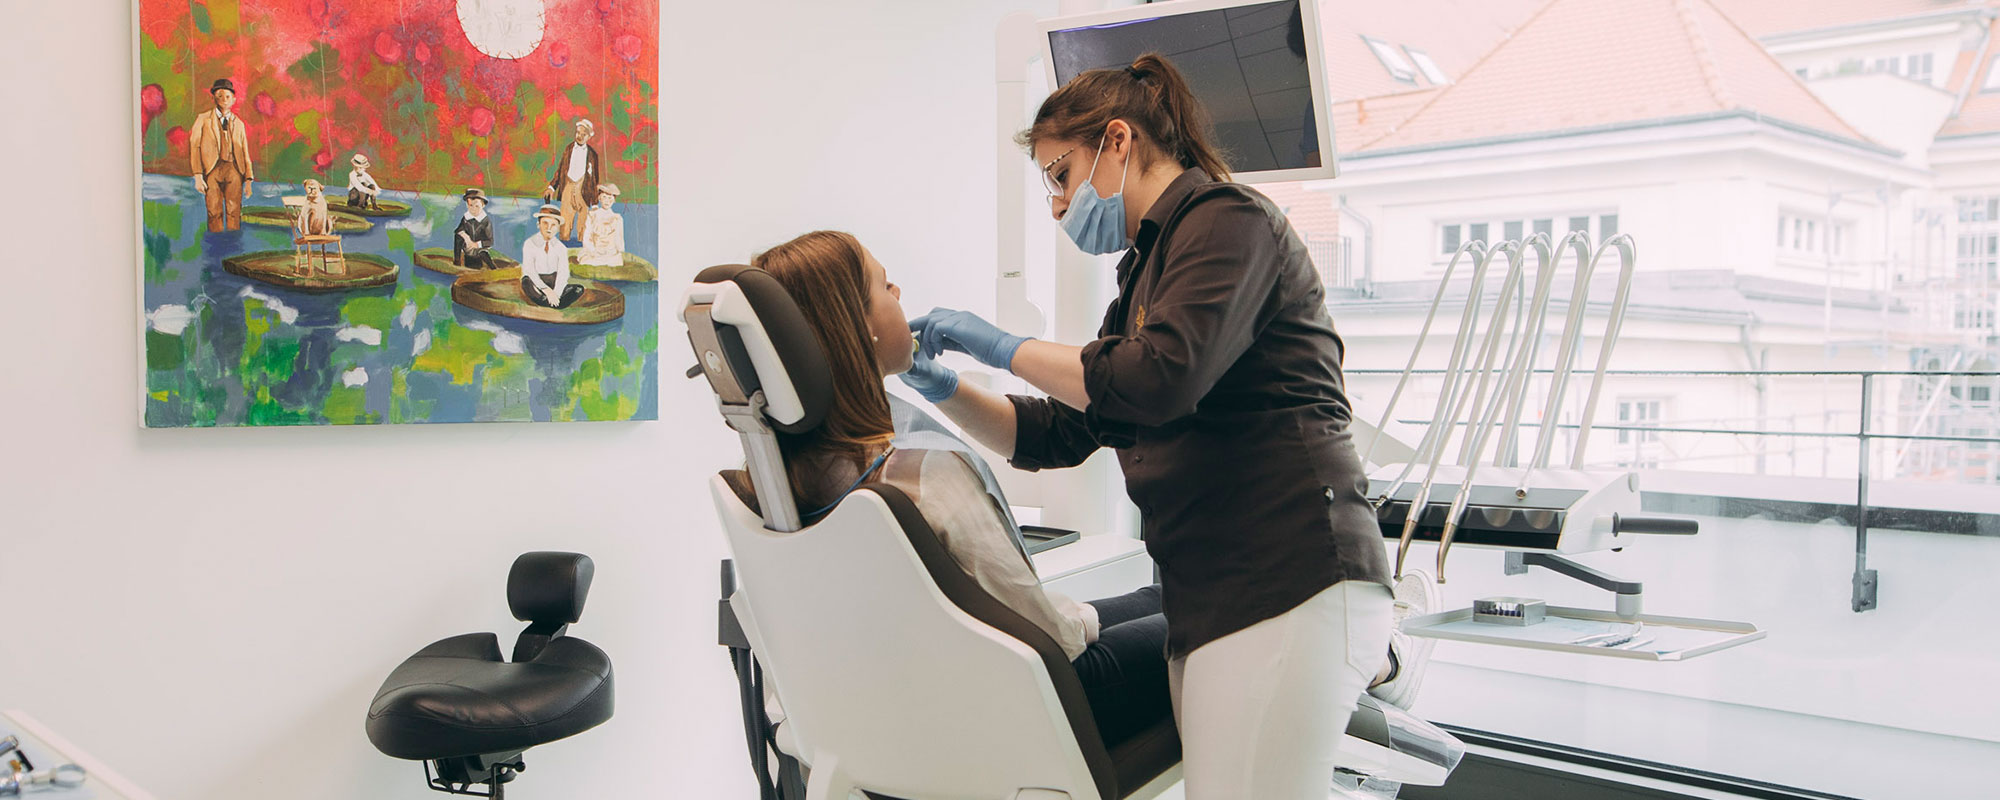 Schnarchtherapie beim Zahnarzt in Baden-Baden mit der Schnarchschiene.